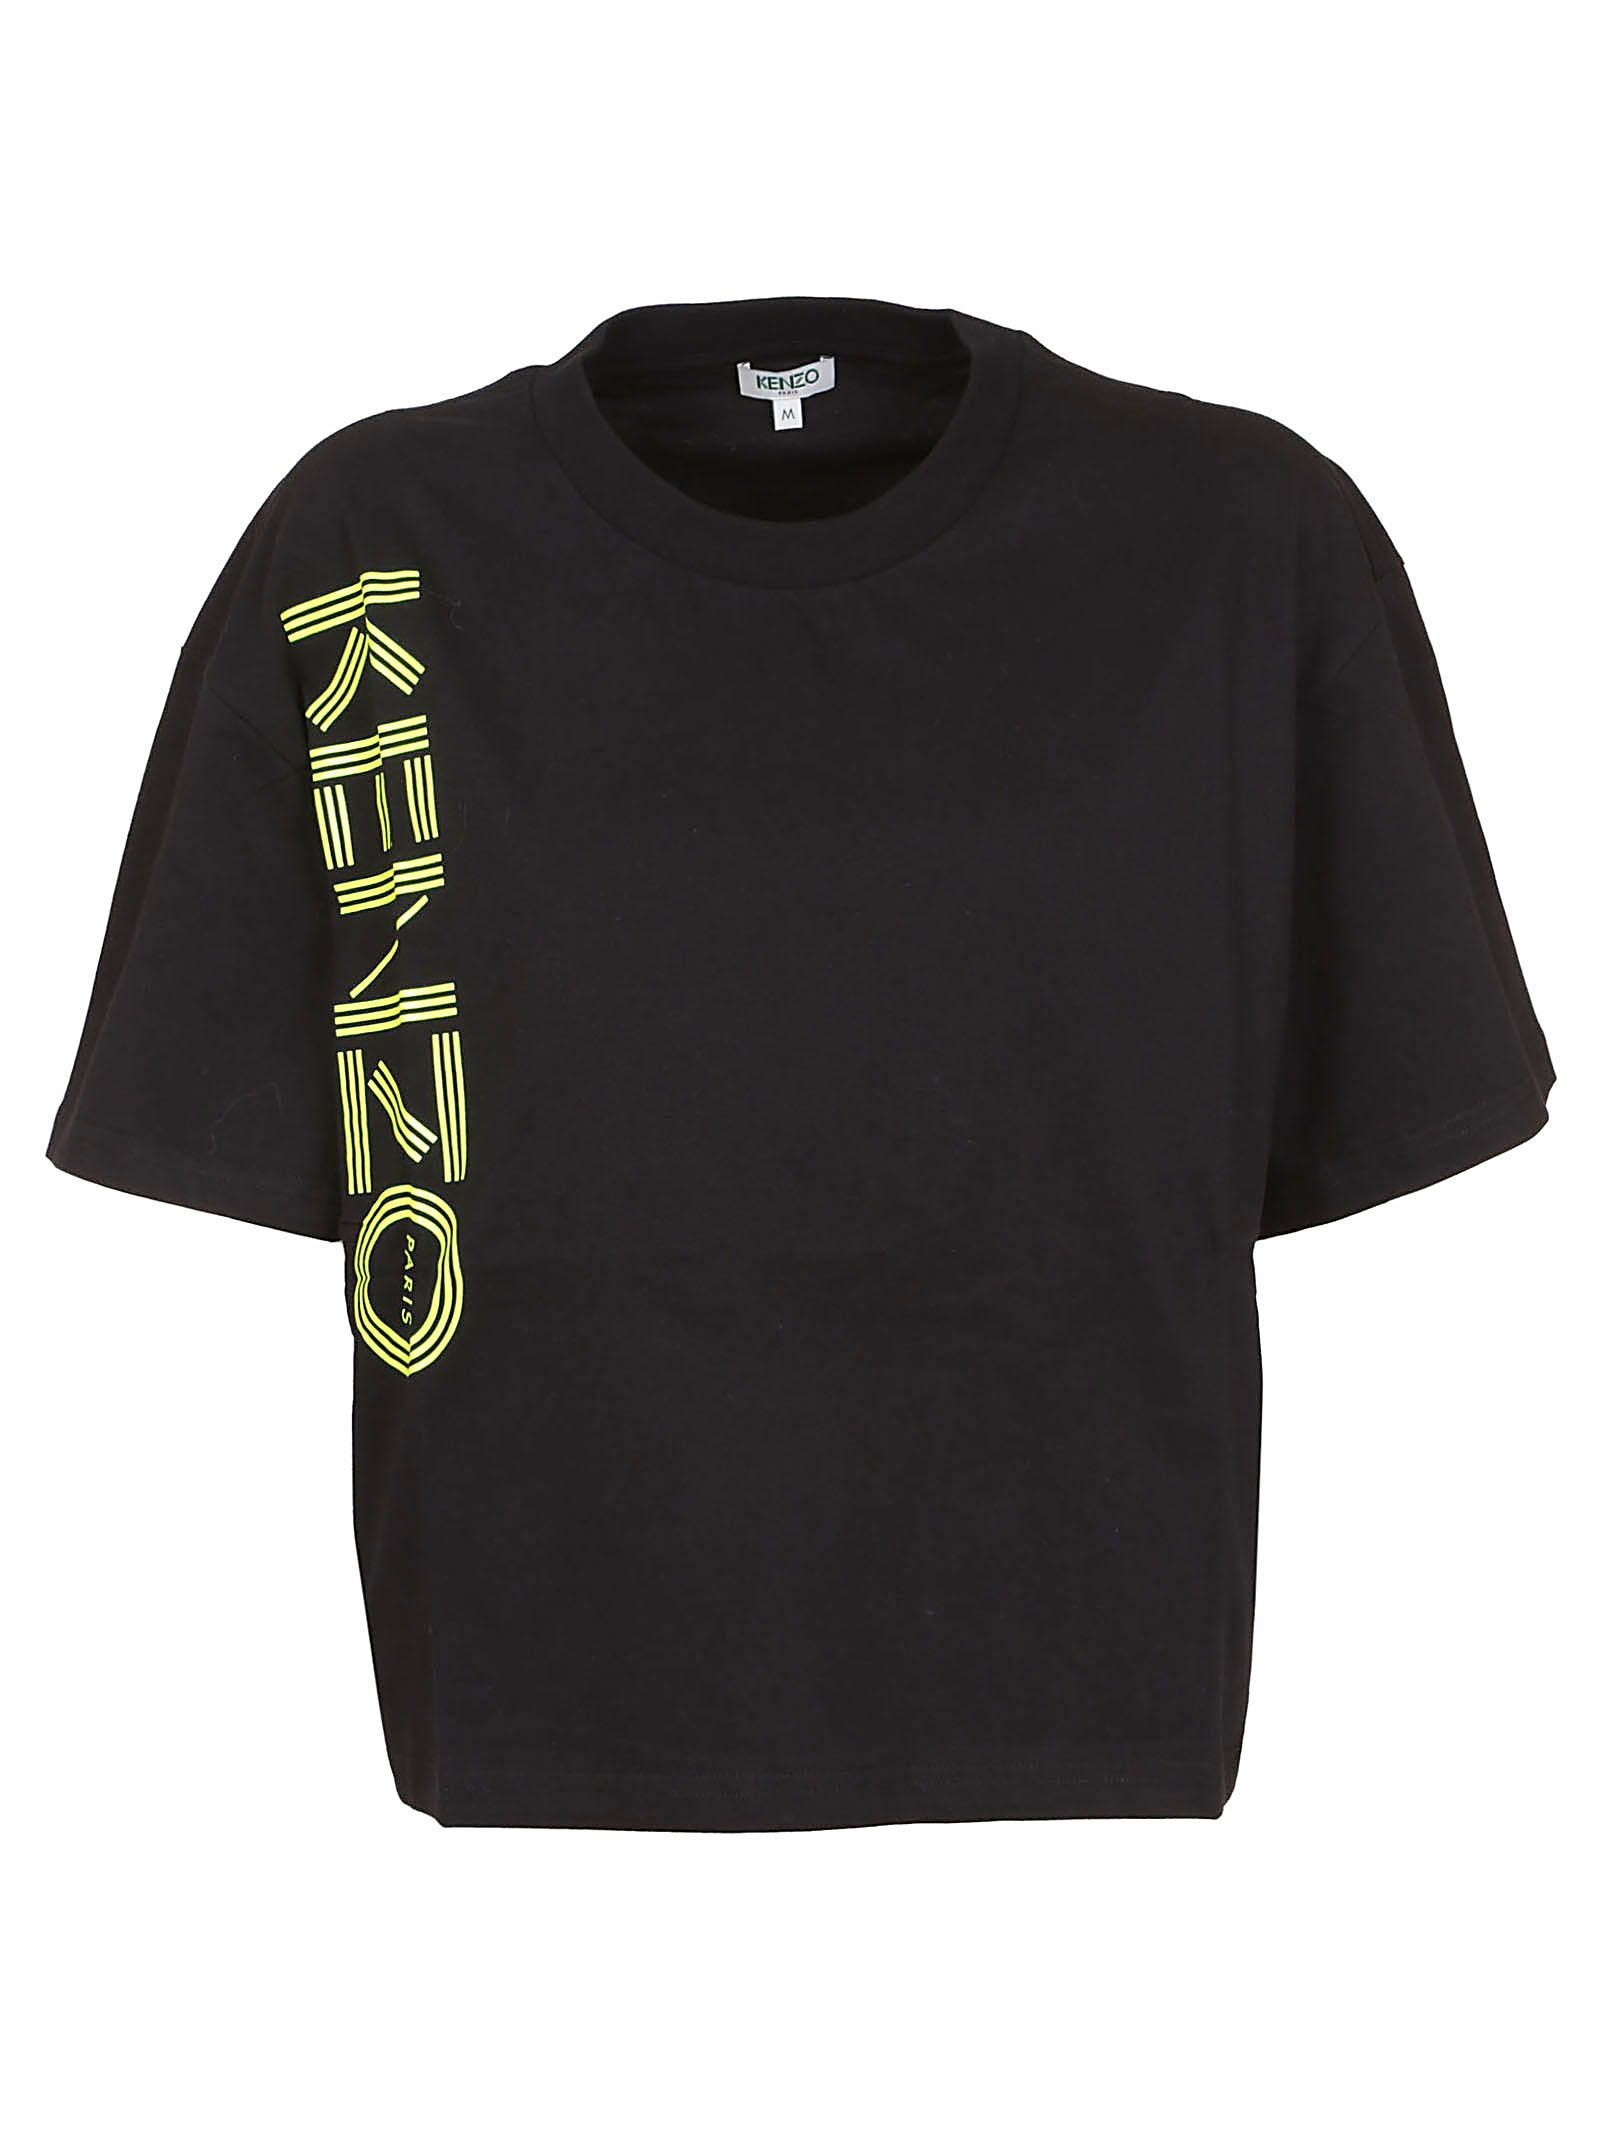 Kenzo Kenzo Logo Print T Shirt B Black 10826822 Italist